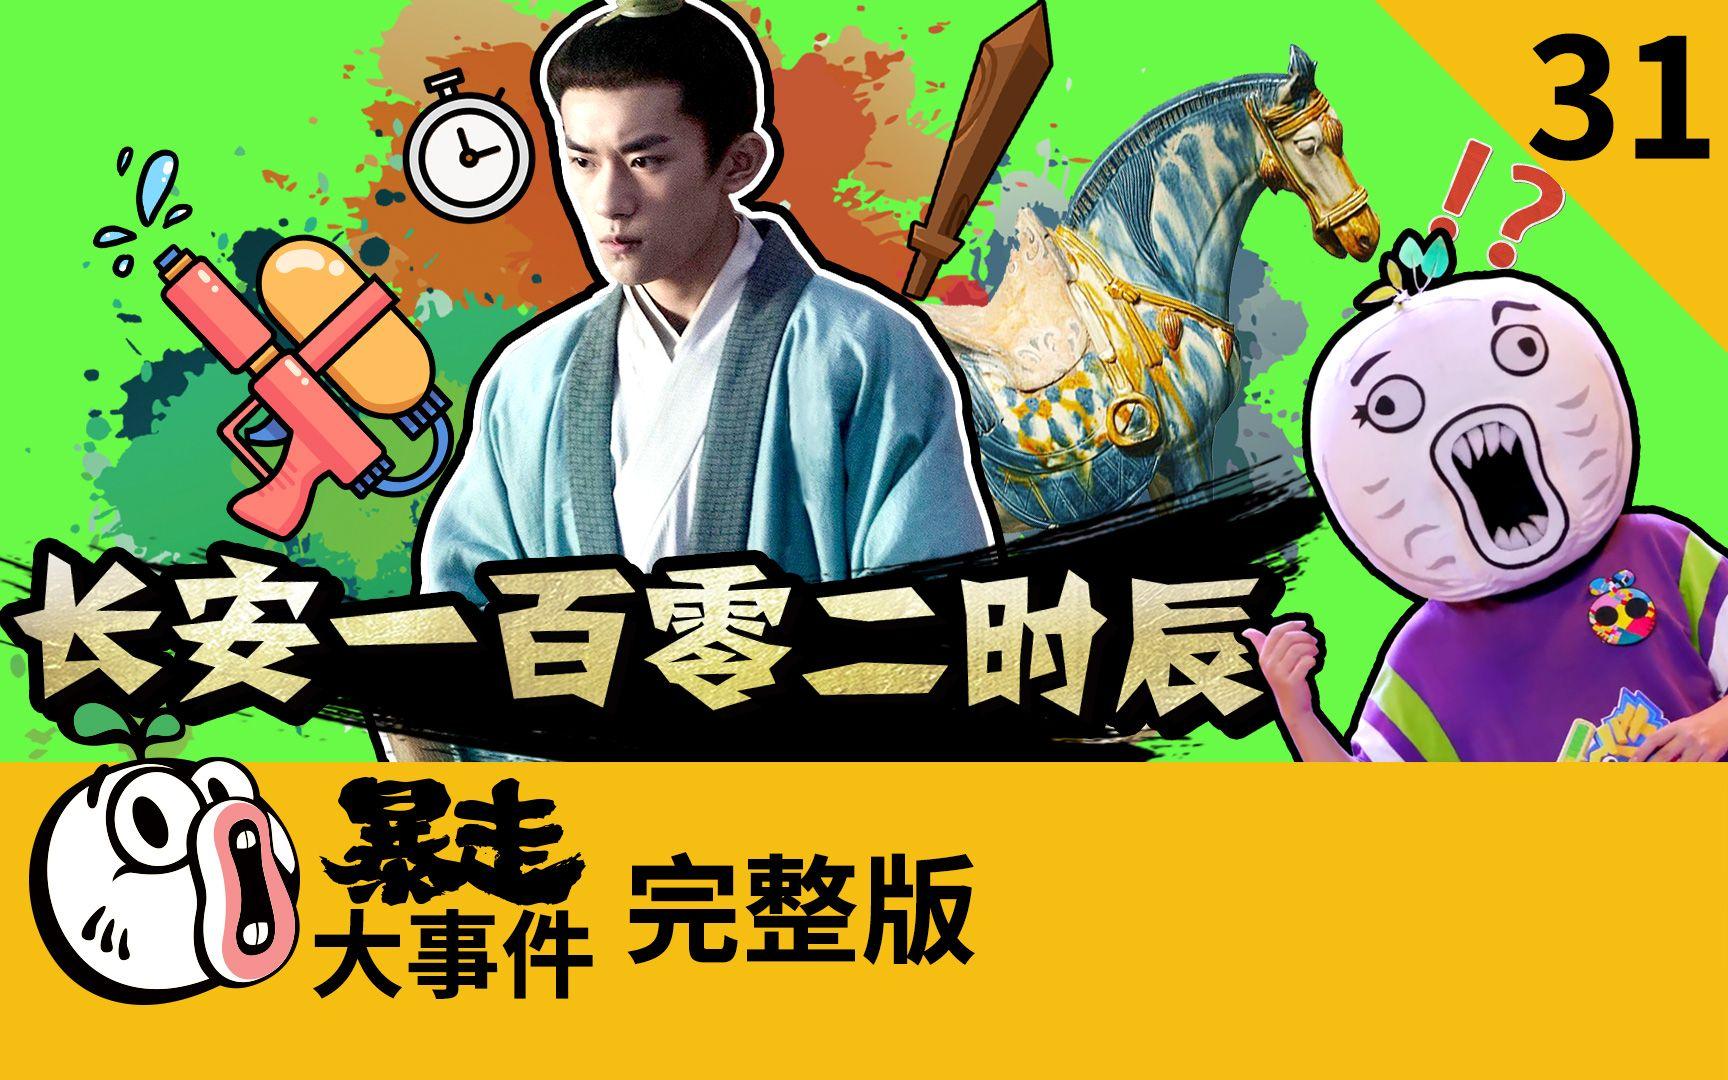 【大事件】长安一百零二时辰光速完结,漫威版封神榜疯狂两开花 暴走大事件第六季 31